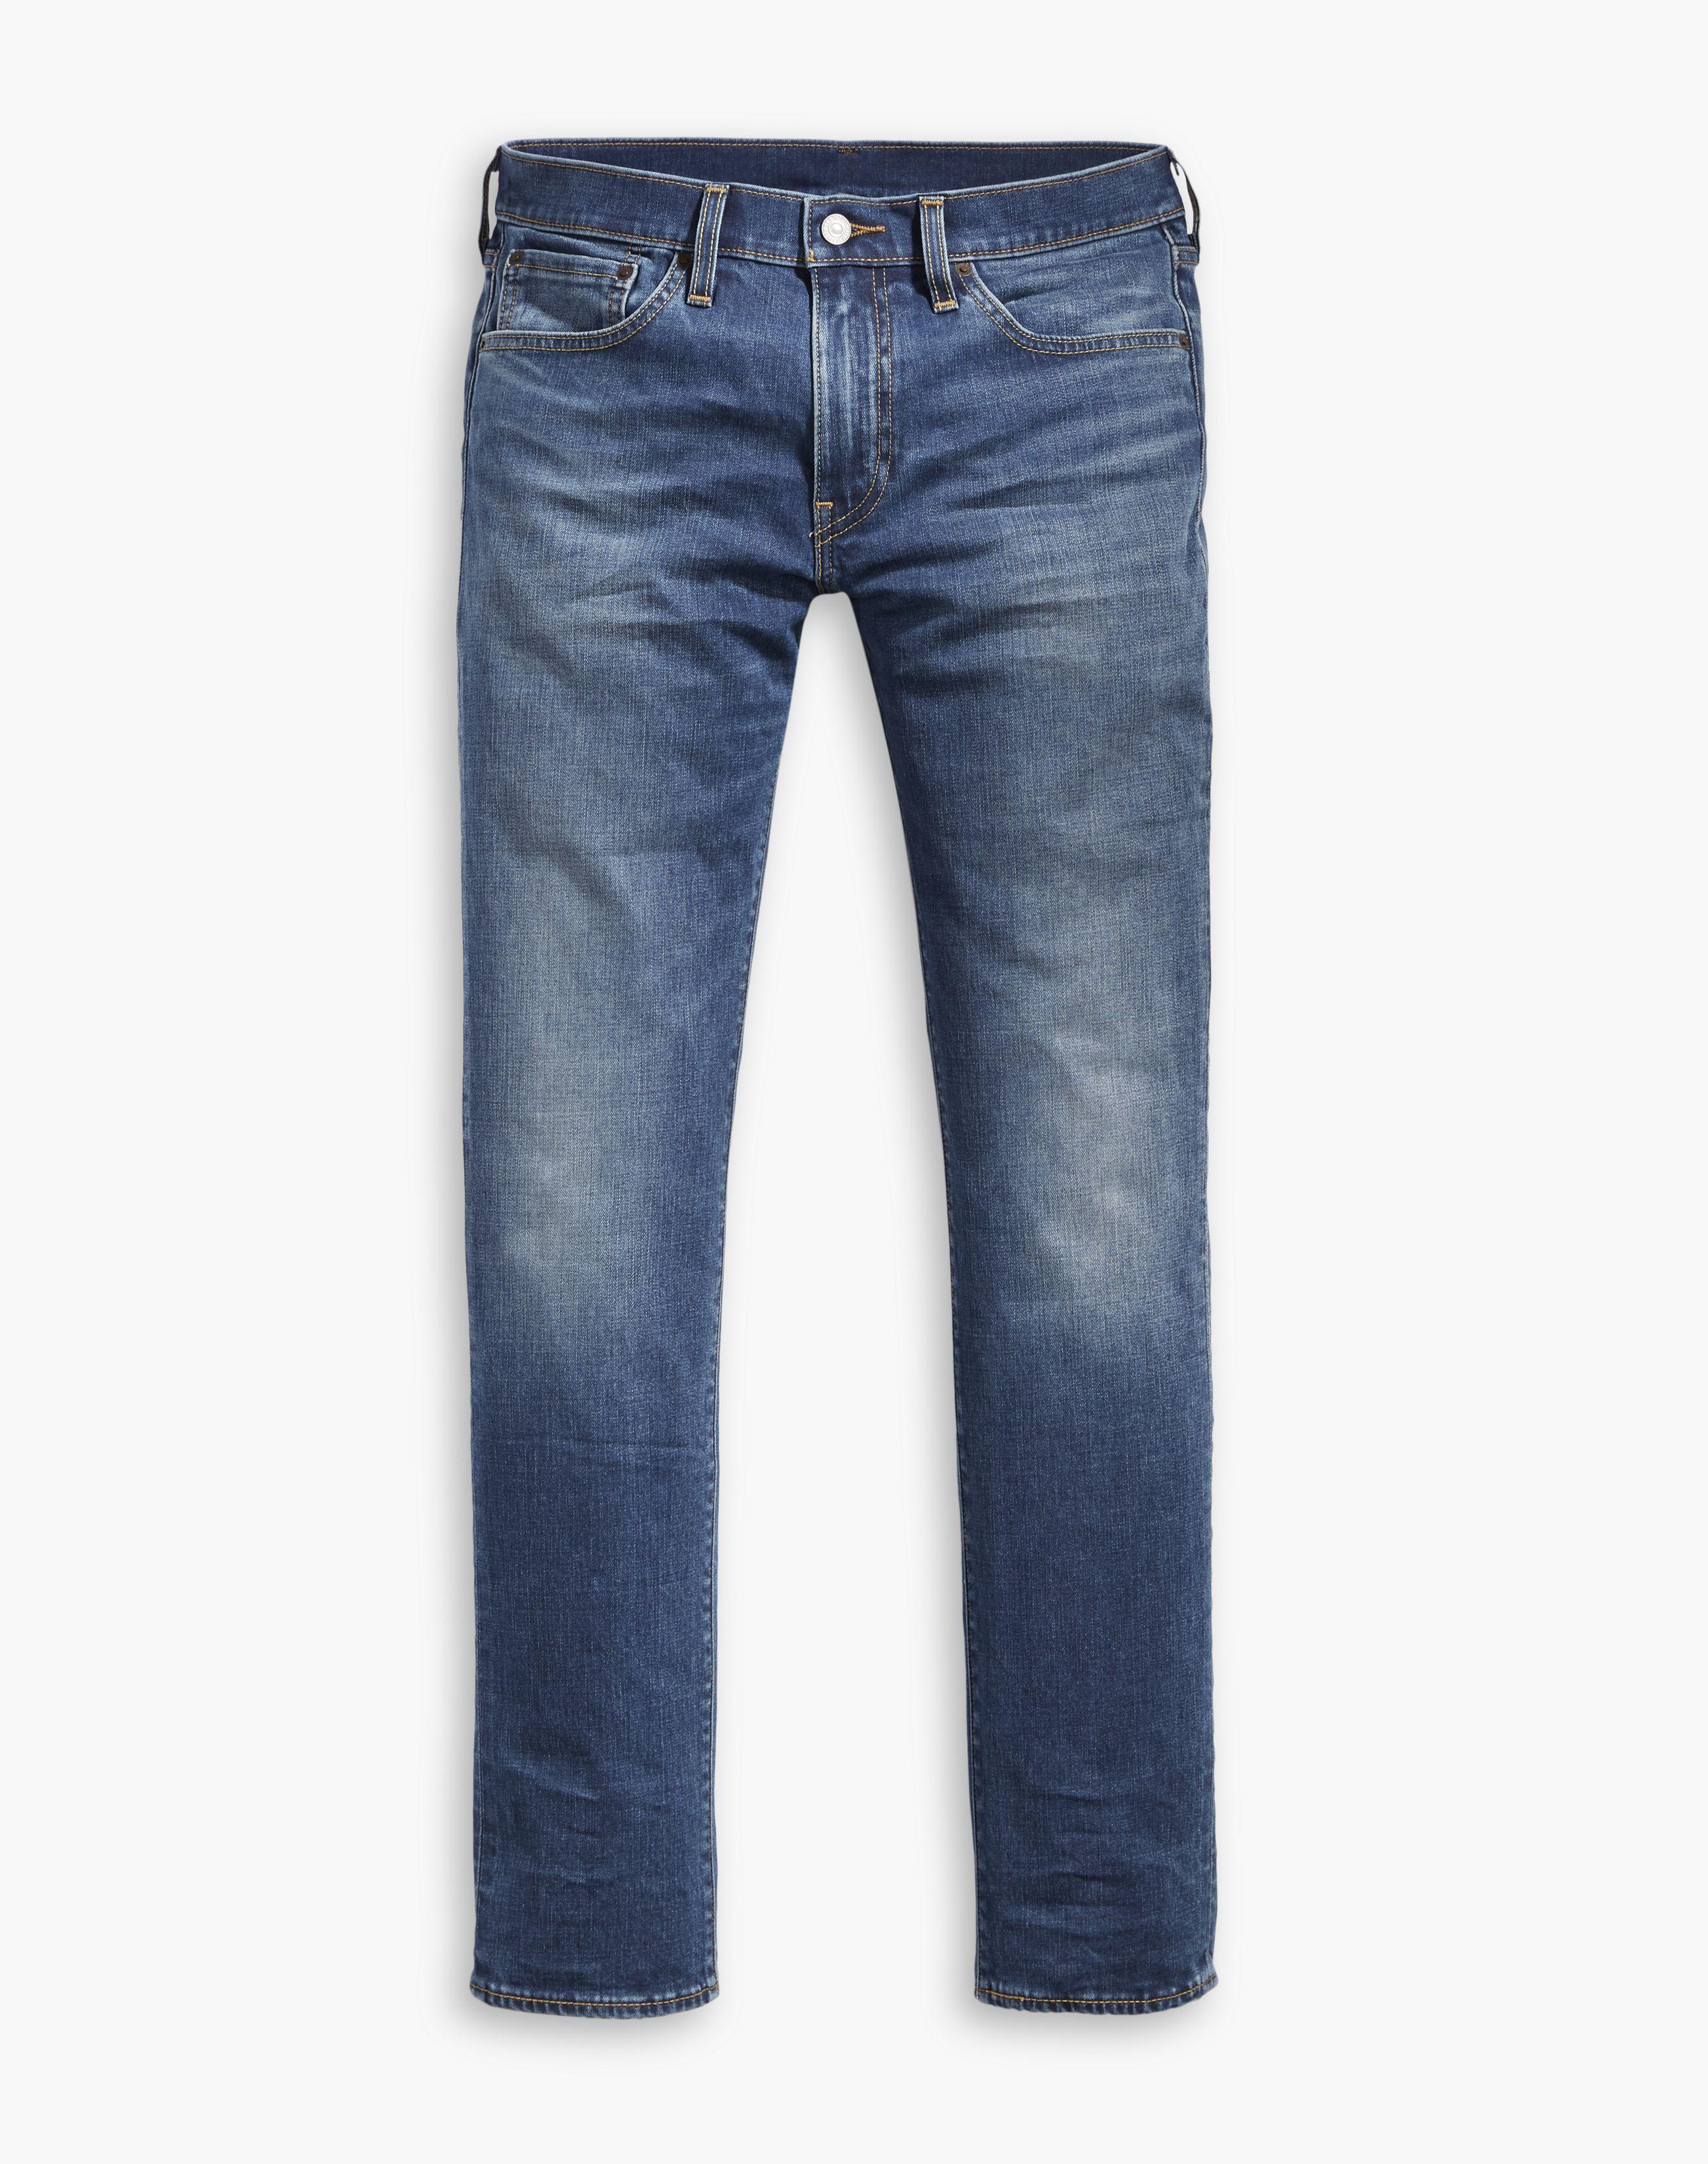 Jeans Levis, pantalones levis, nuevos levis